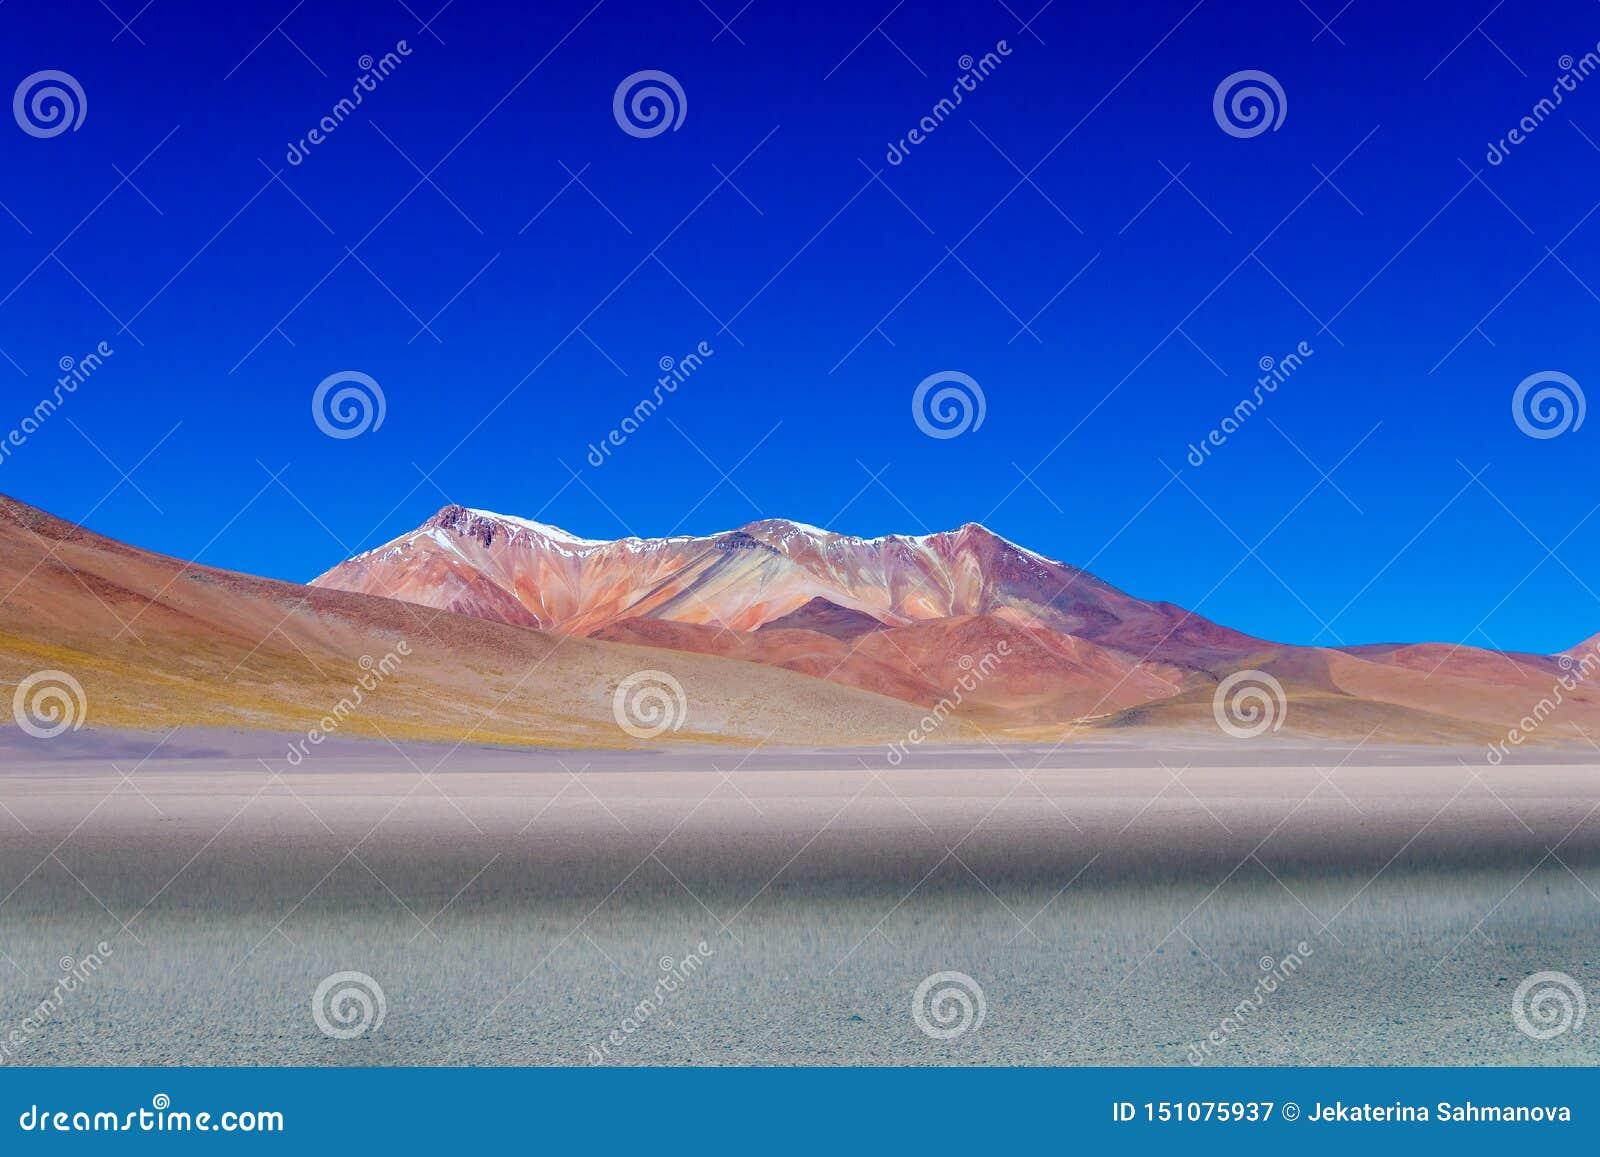 Bakgrund med kargt ökenlandskap i bolivianska Anderna, i naturreserven Edoardo Avaroa